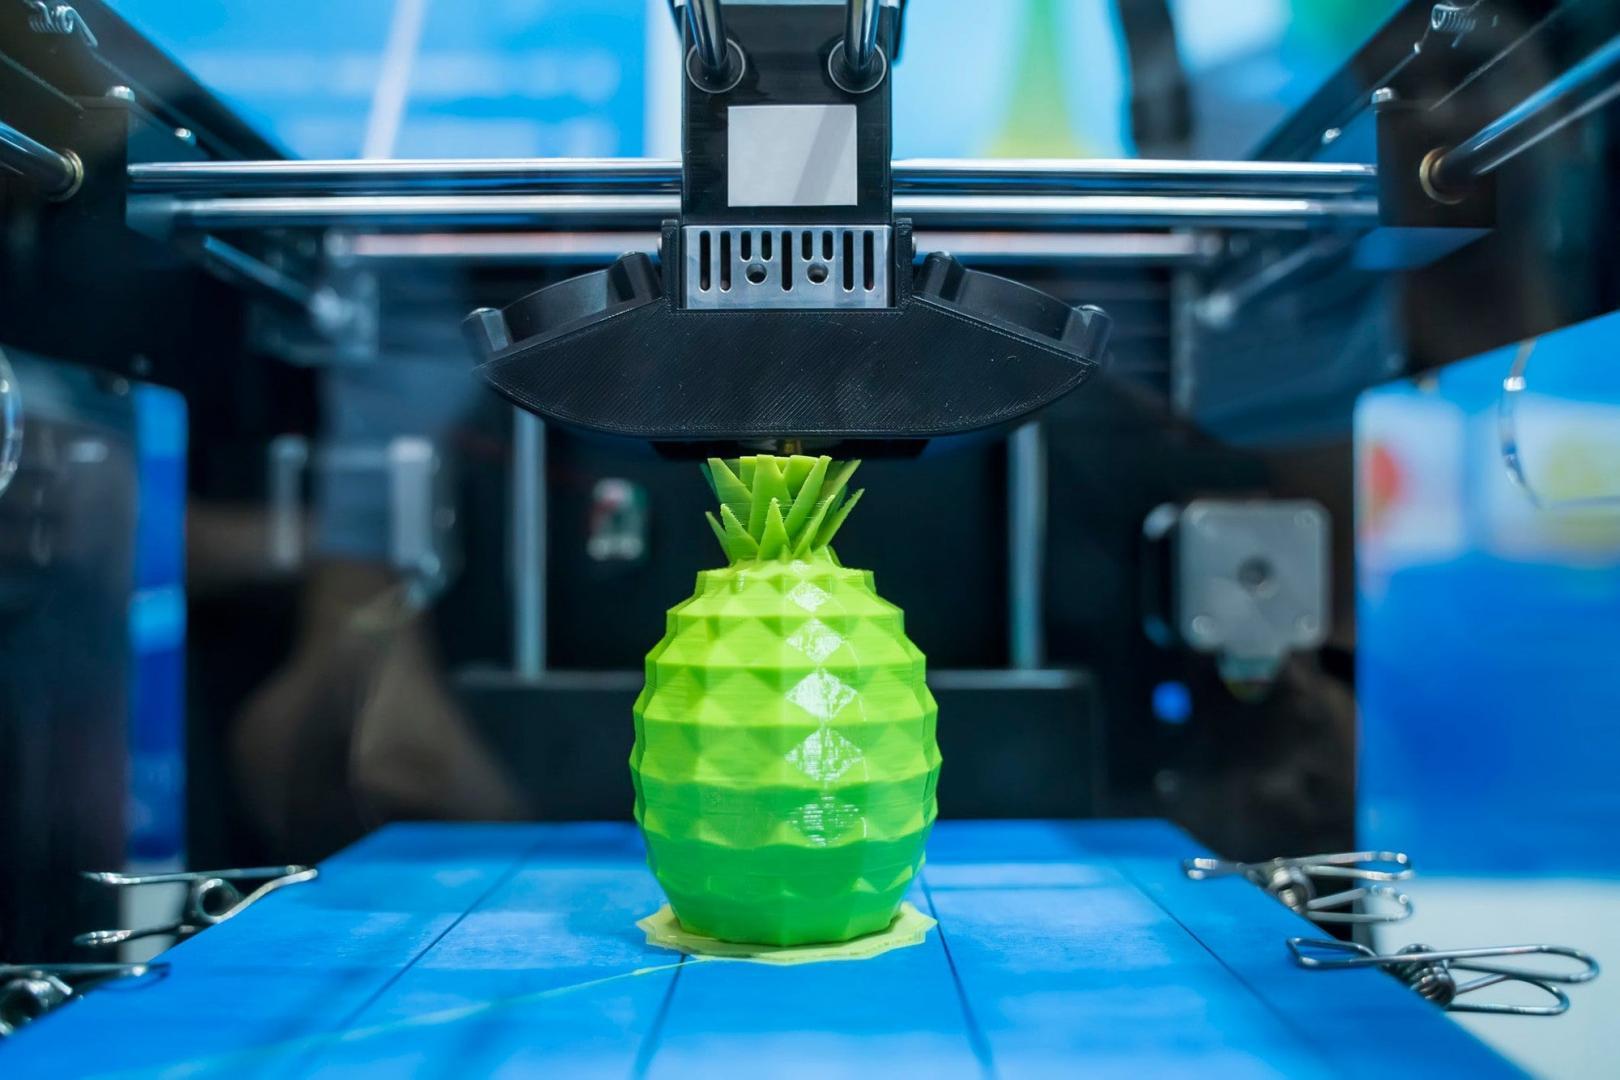 3d printing Item